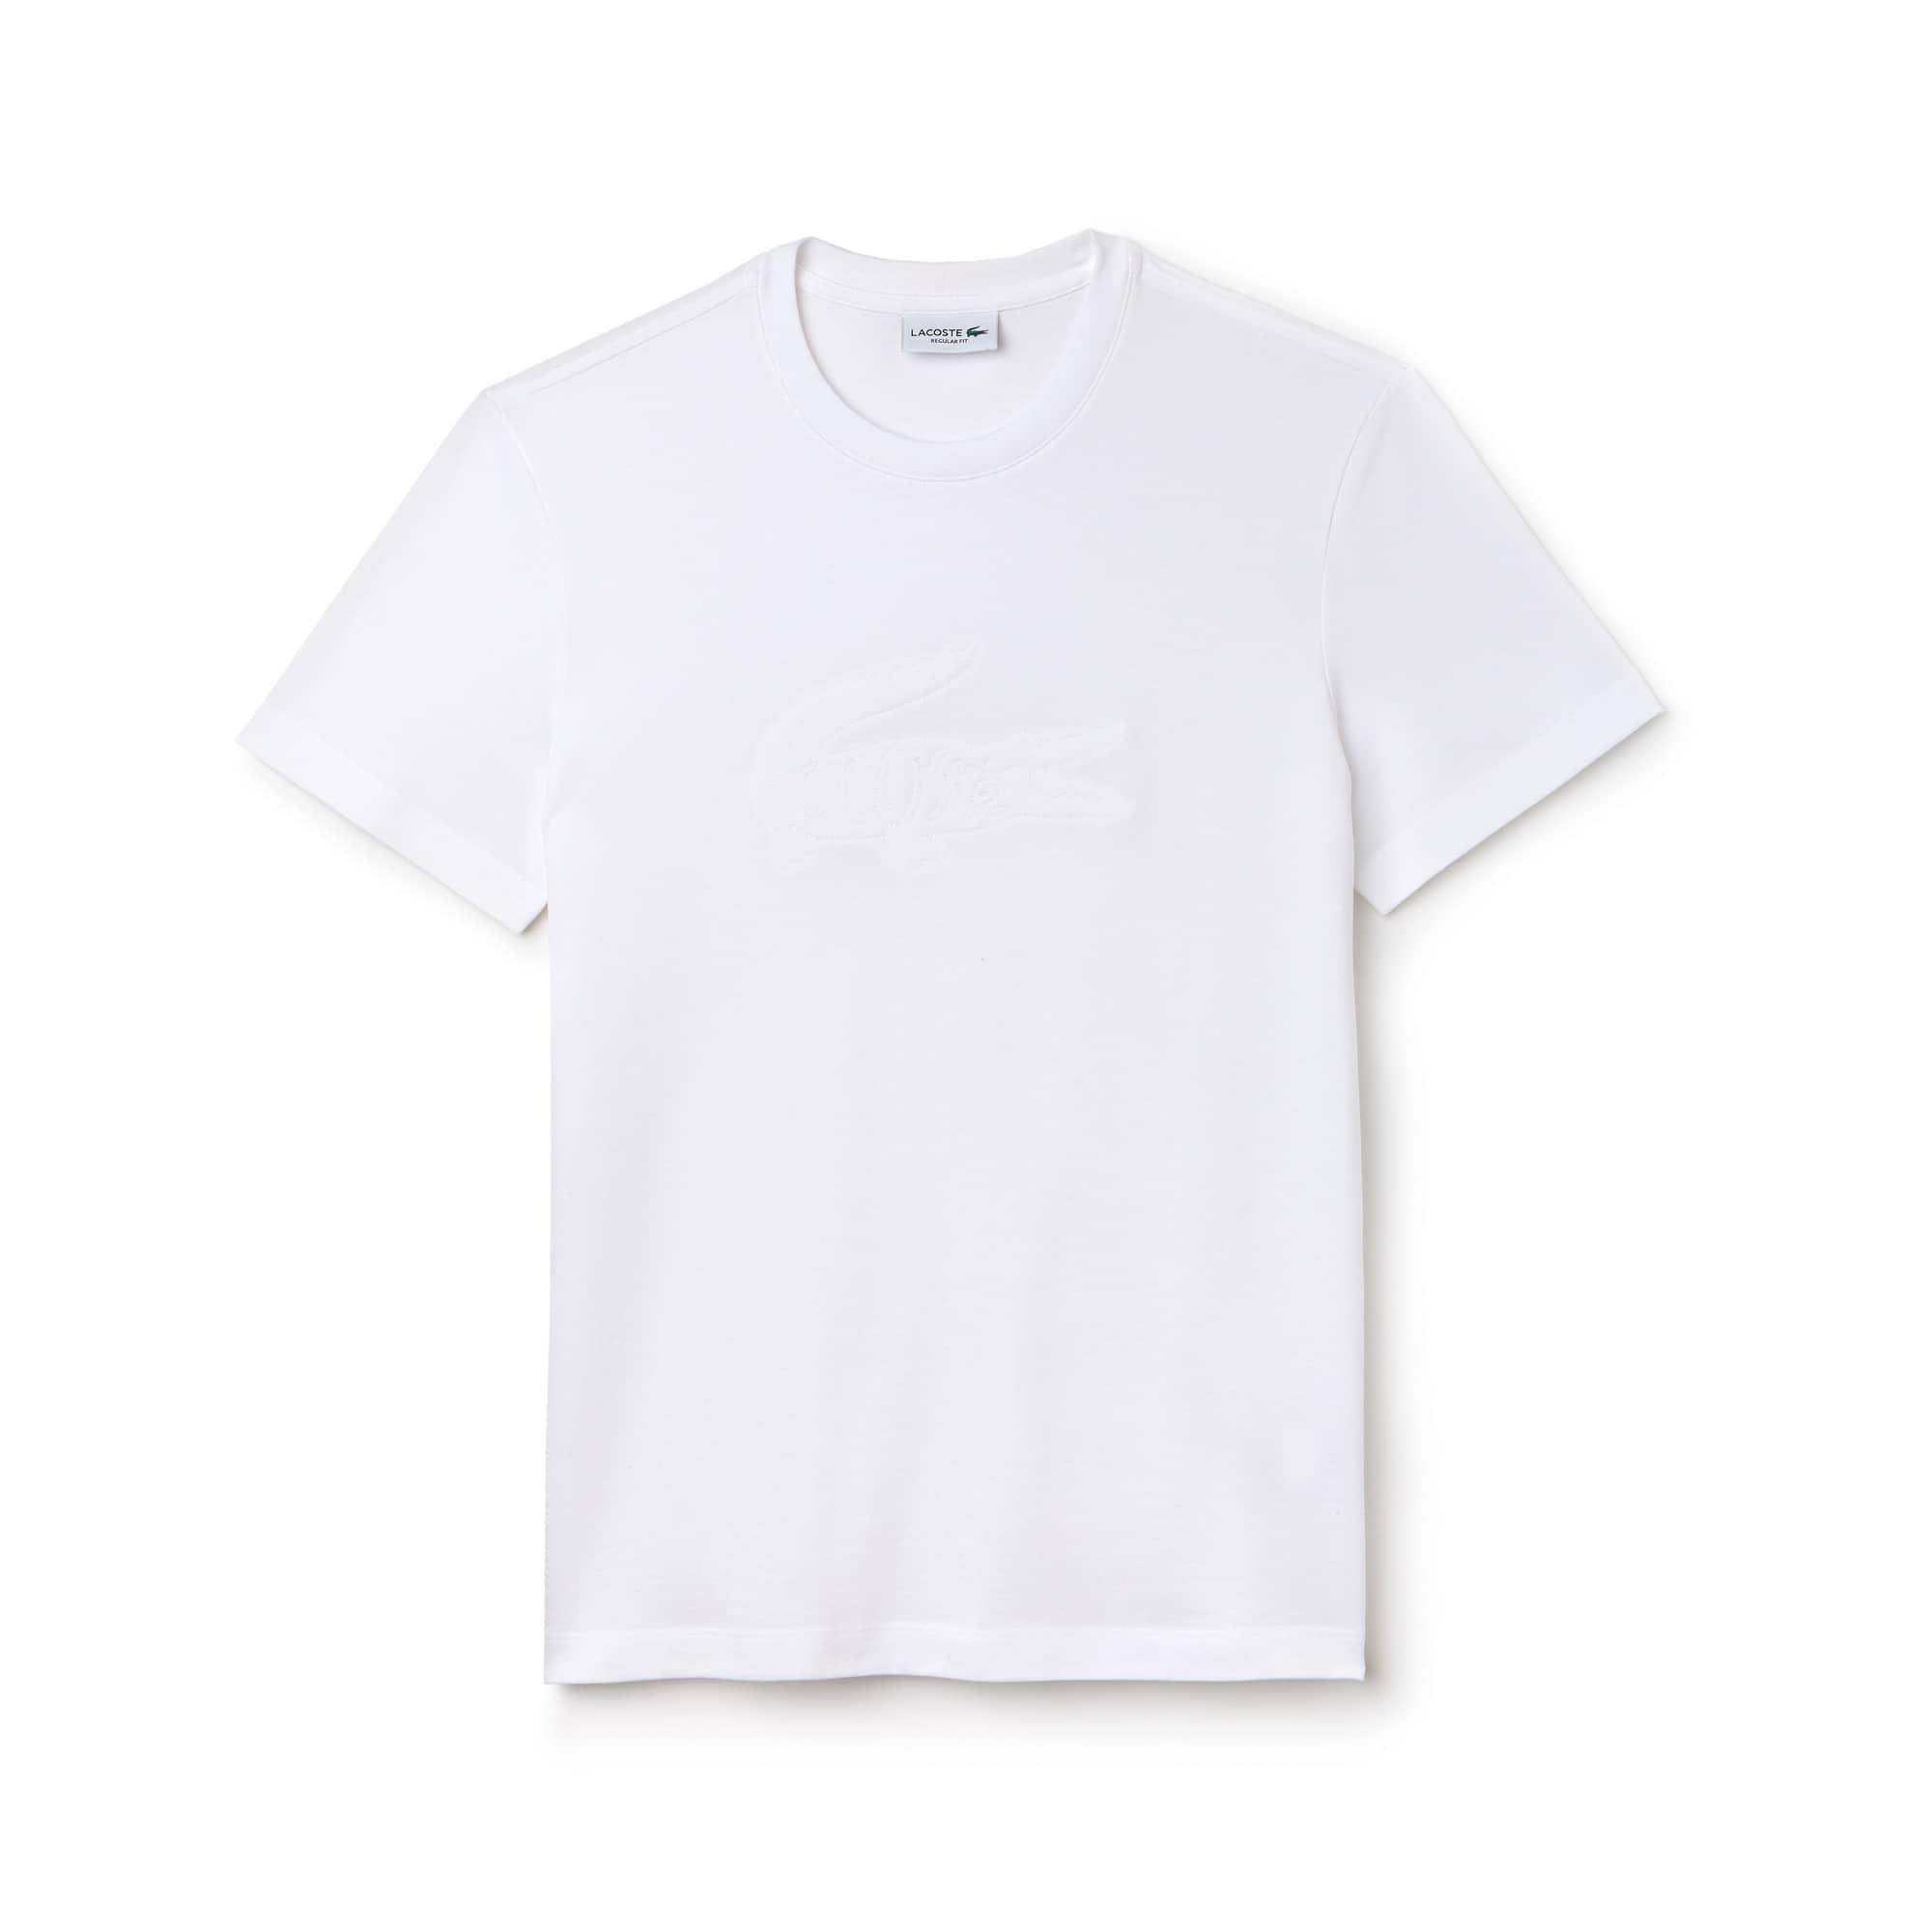 Camiseta de cuello redondo de minipiqué de algodón con bordado de cocodrilo